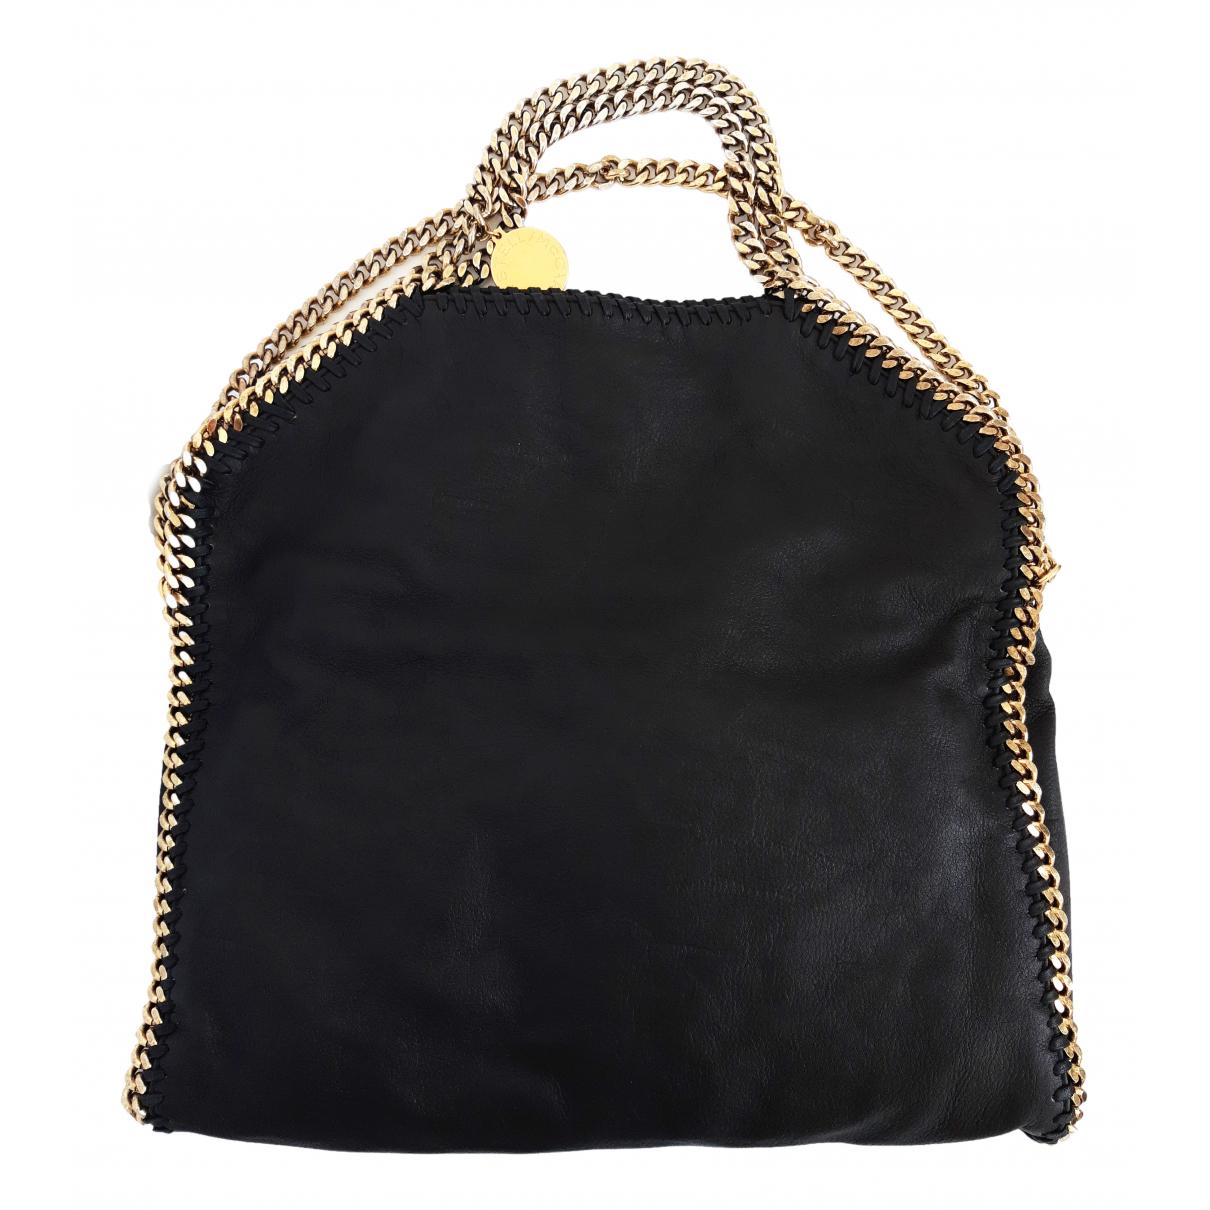 Stella Mccartney Falabella Handtasche in  Schwarz Polyester